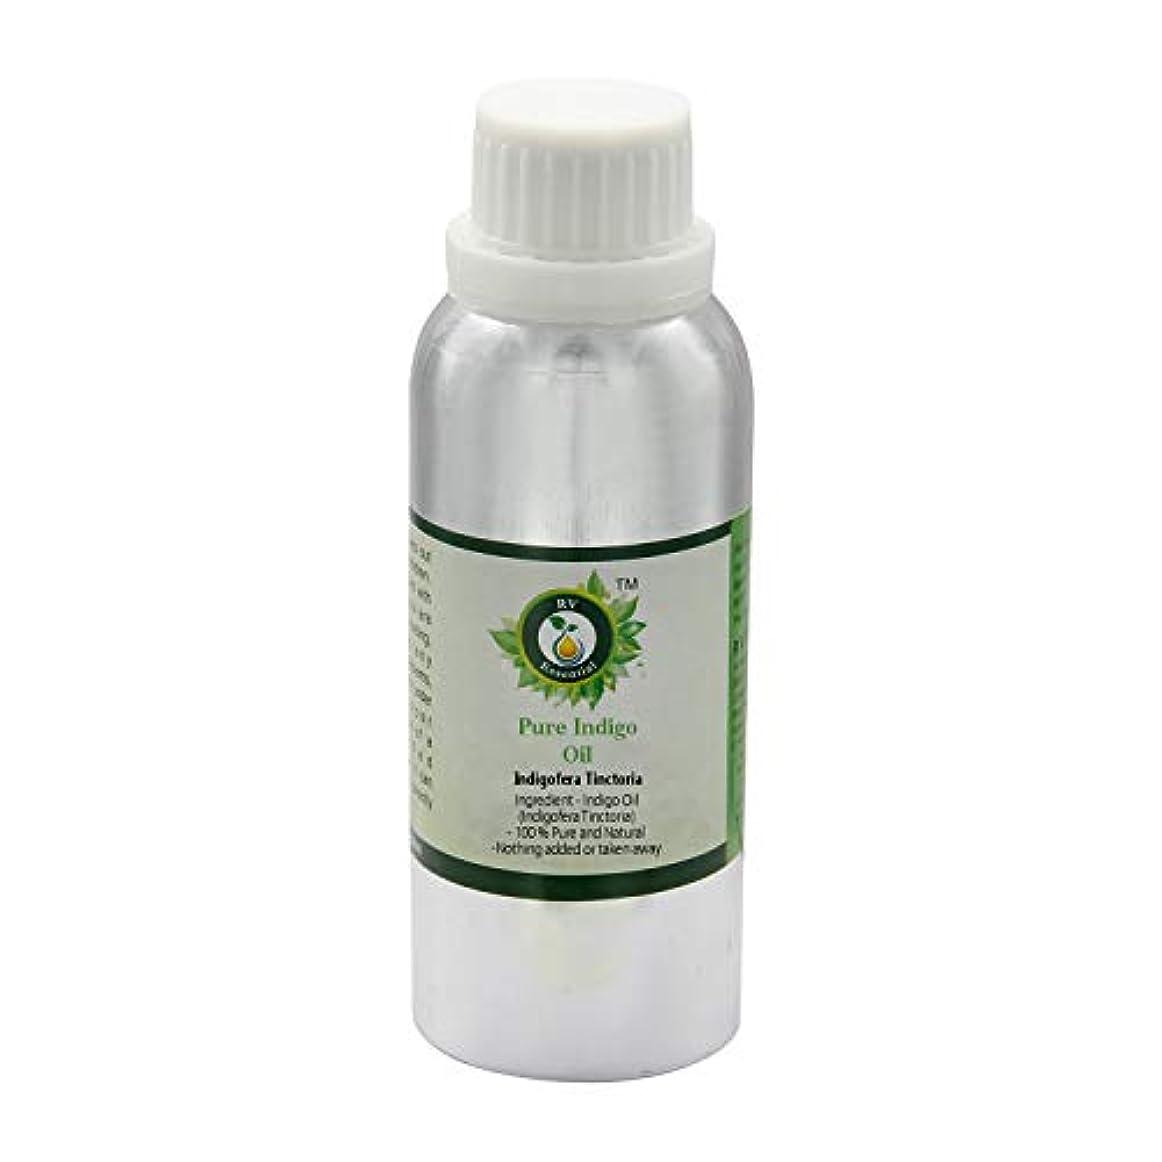 落とし穴ペチュランス靴下ピュアインディゴオイル630ml (21oz)- Indigofera Tinctoria (100%純粋でナチュラル) Pure Indigo Oil